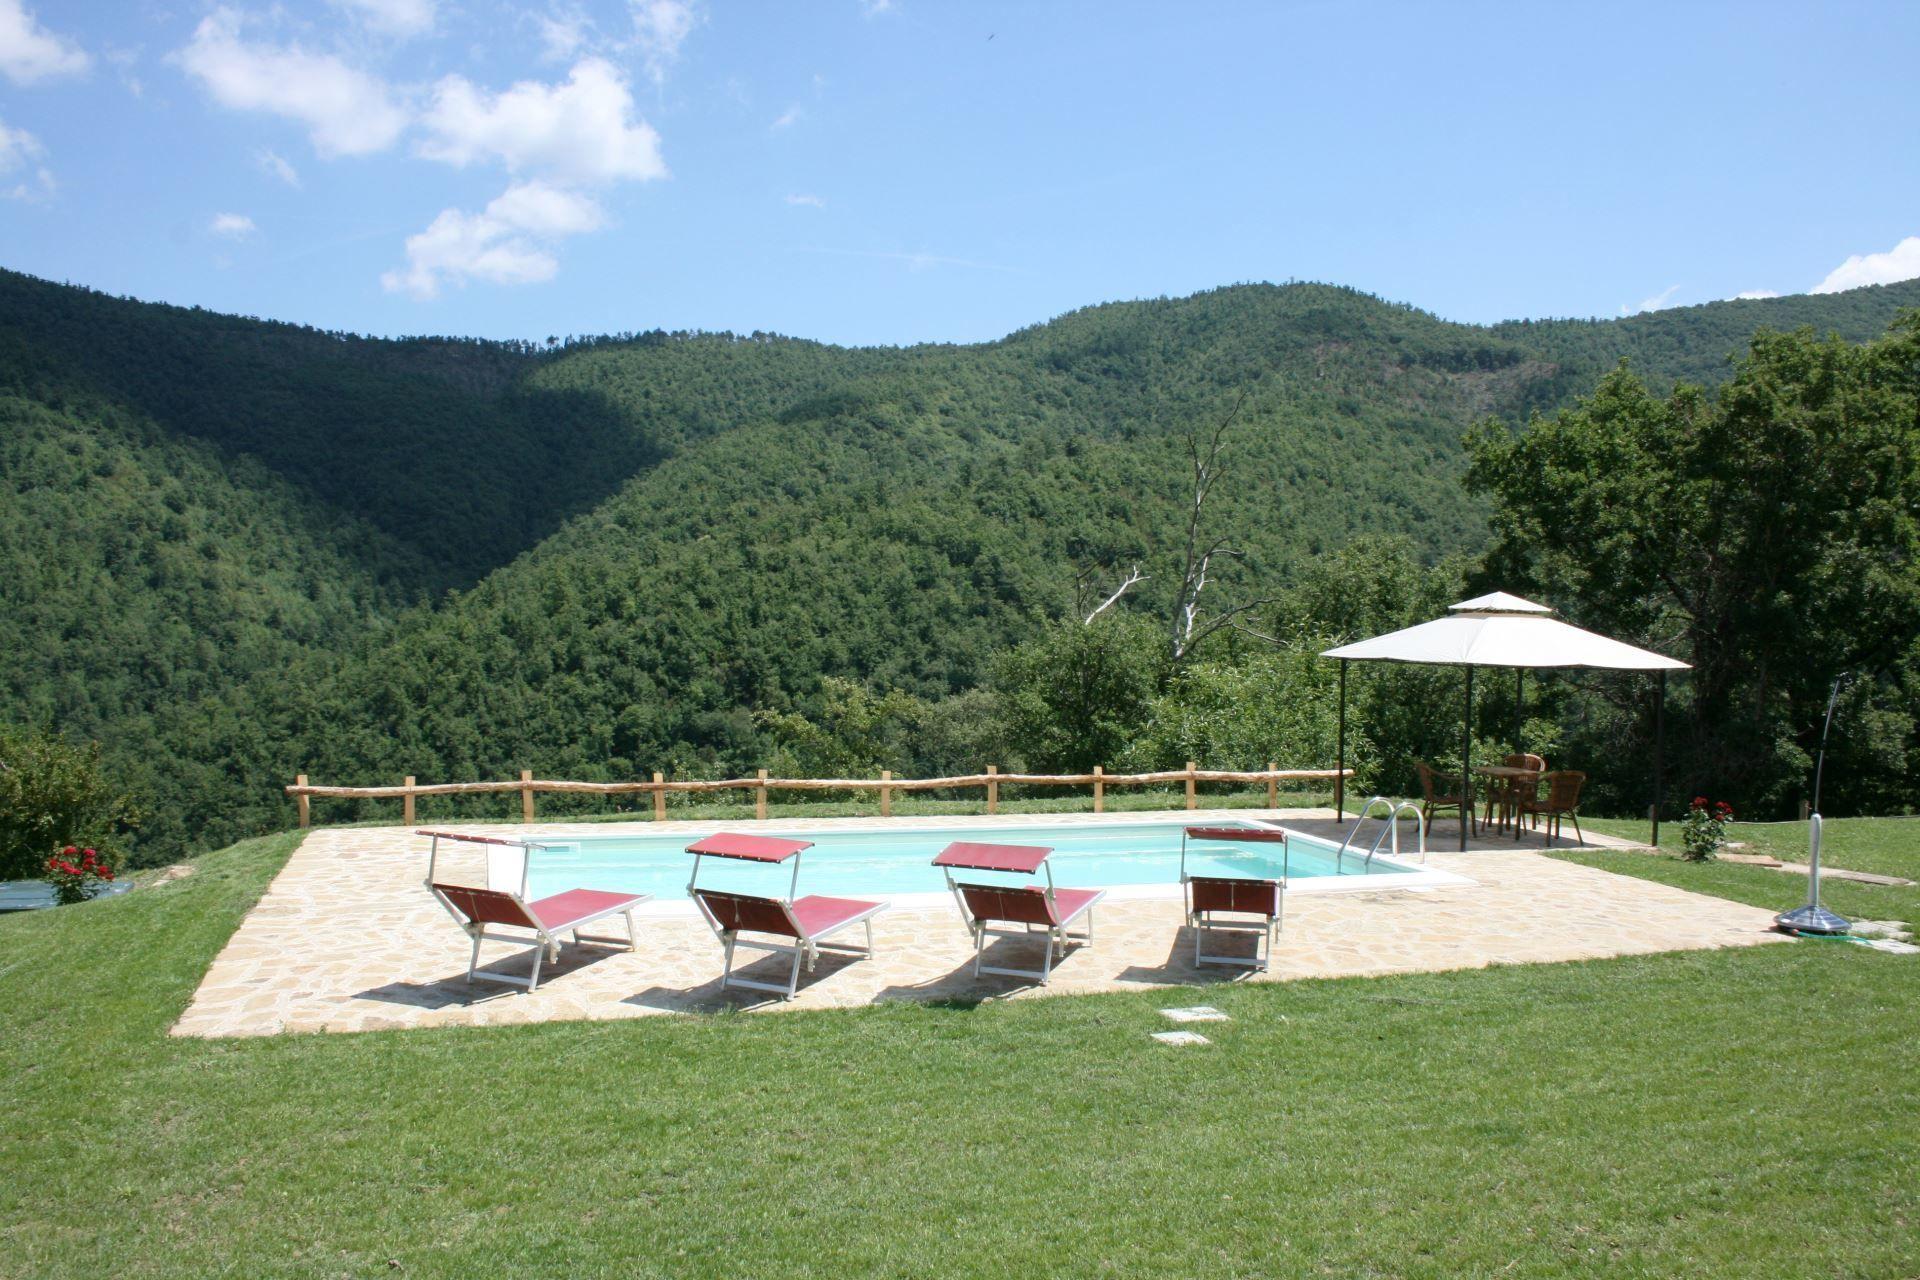 Ca De Tonco Location De Vacances - Couchages 5 Dans 3 ... destiné Piscine Gdo